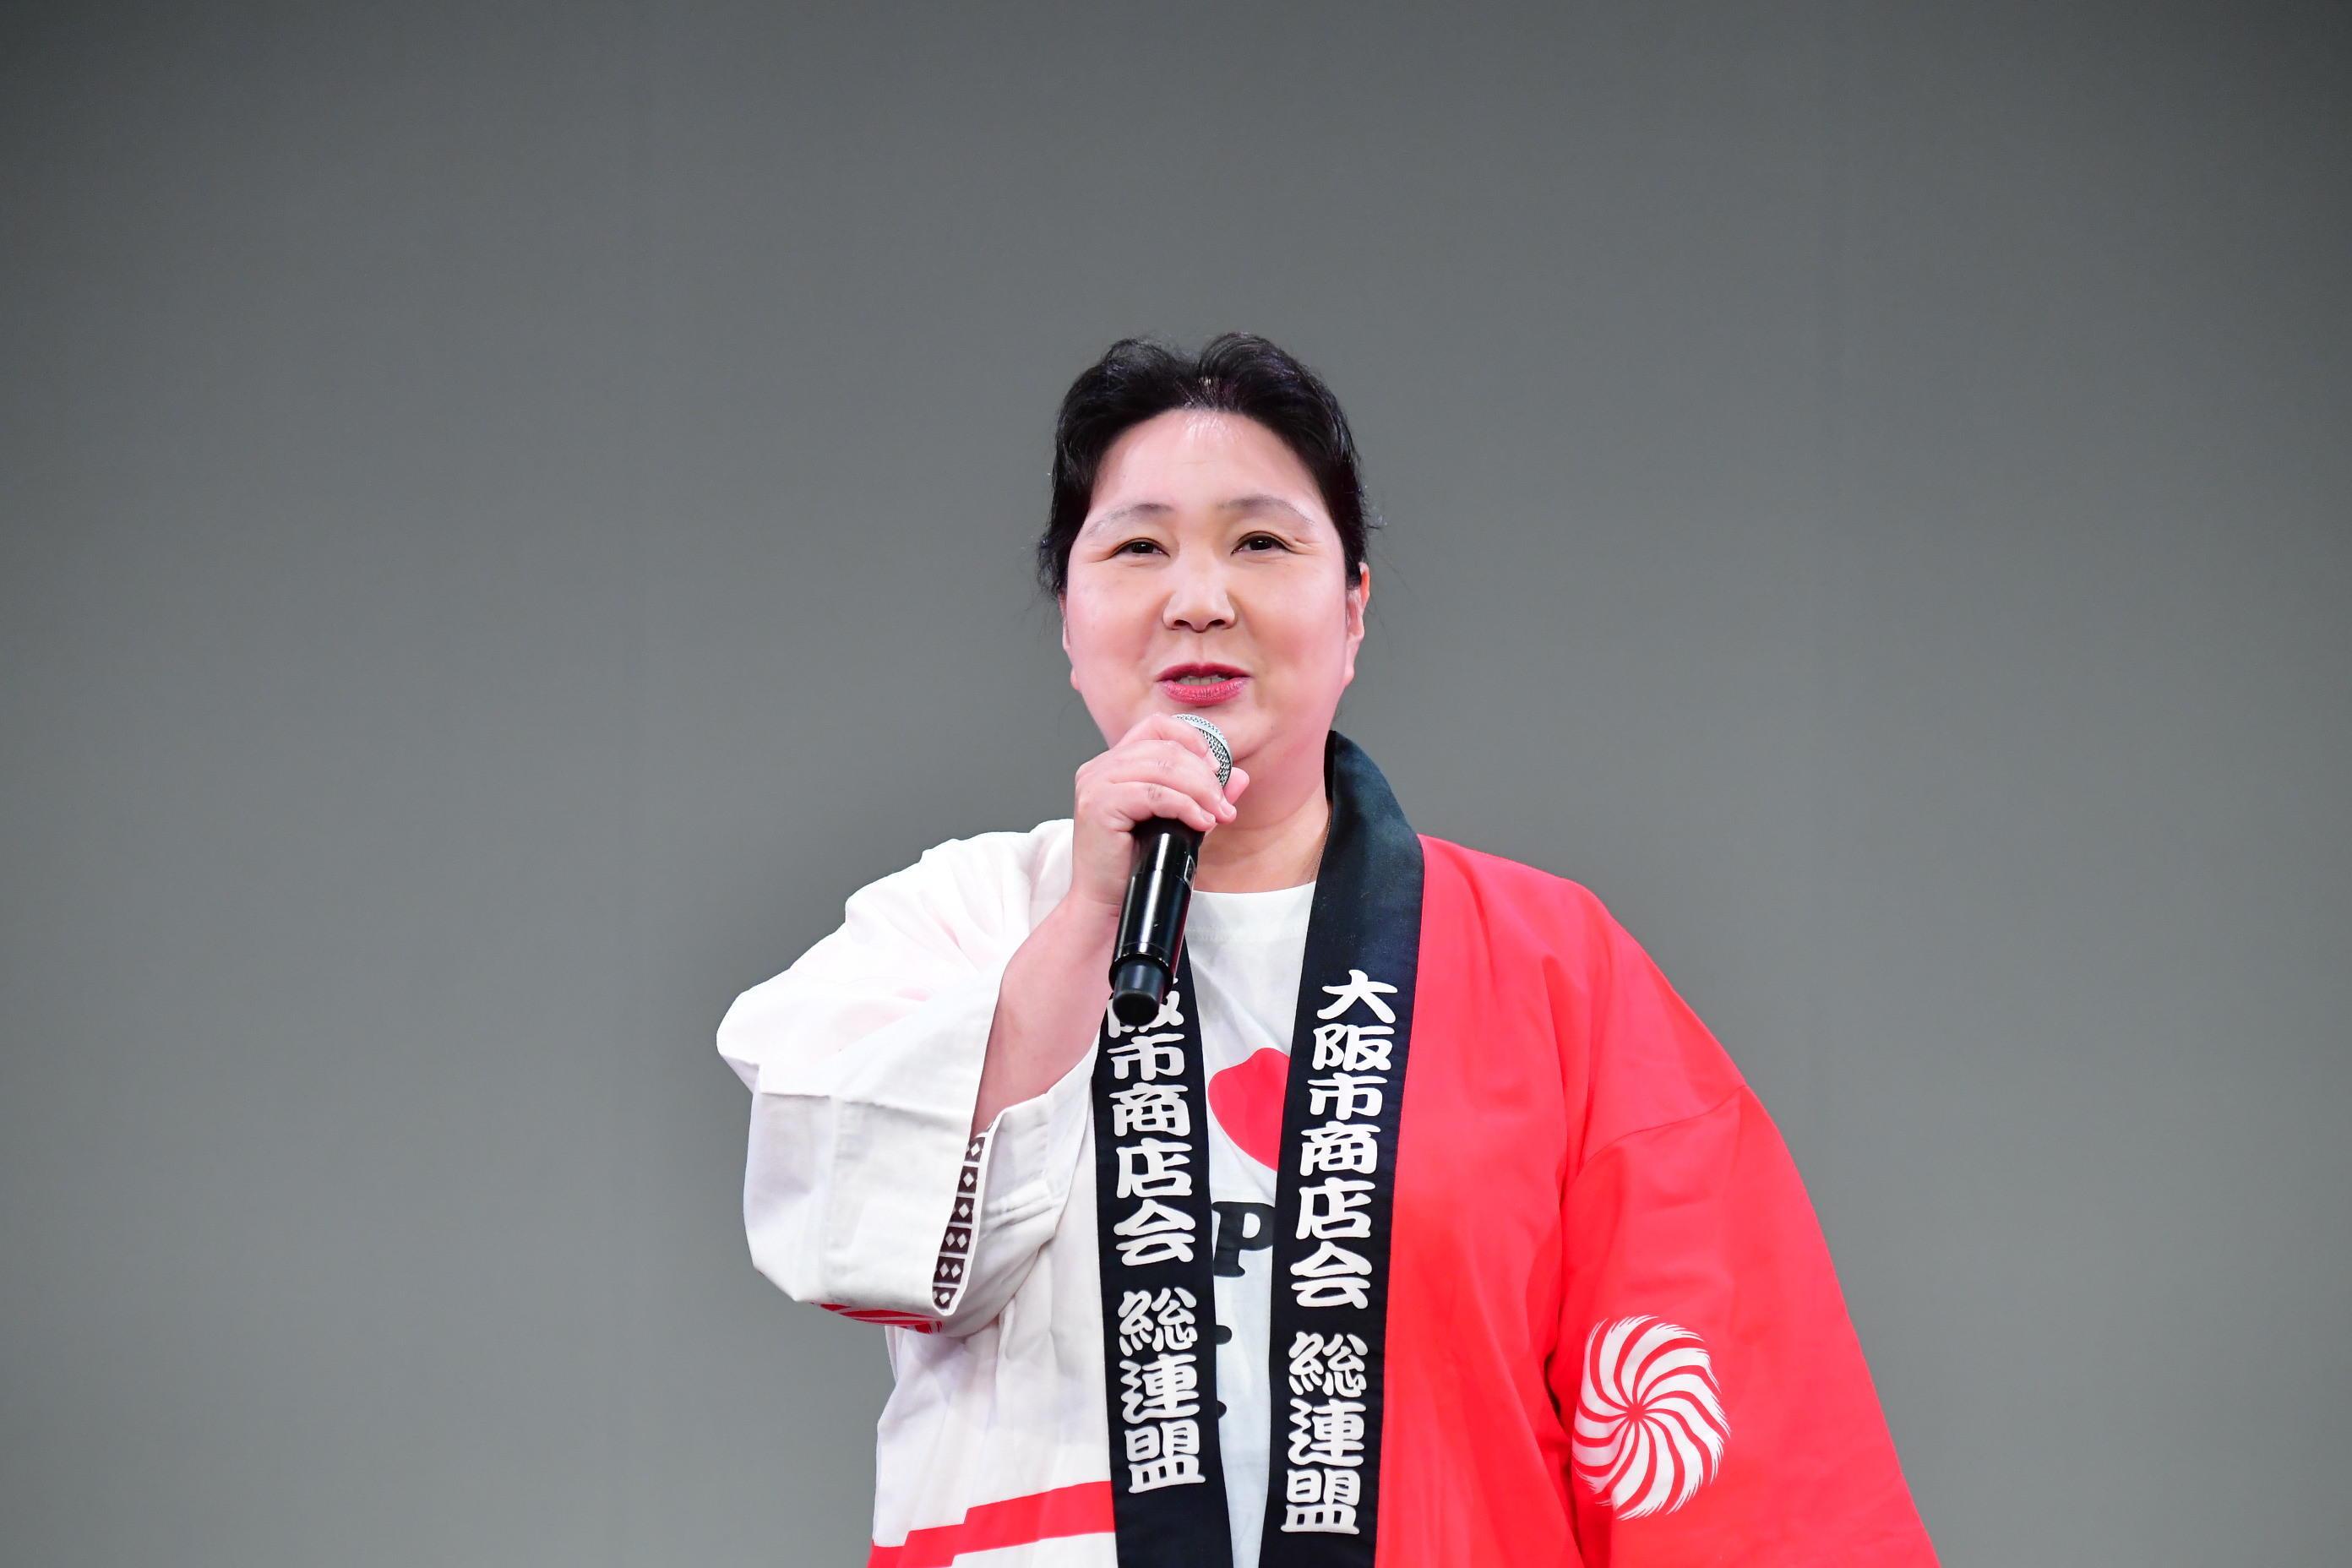 http://news.yoshimoto.co.jp/20180627221509-84ff8308cc3052d013343e8dd14eb911ba9a51bf.jpg